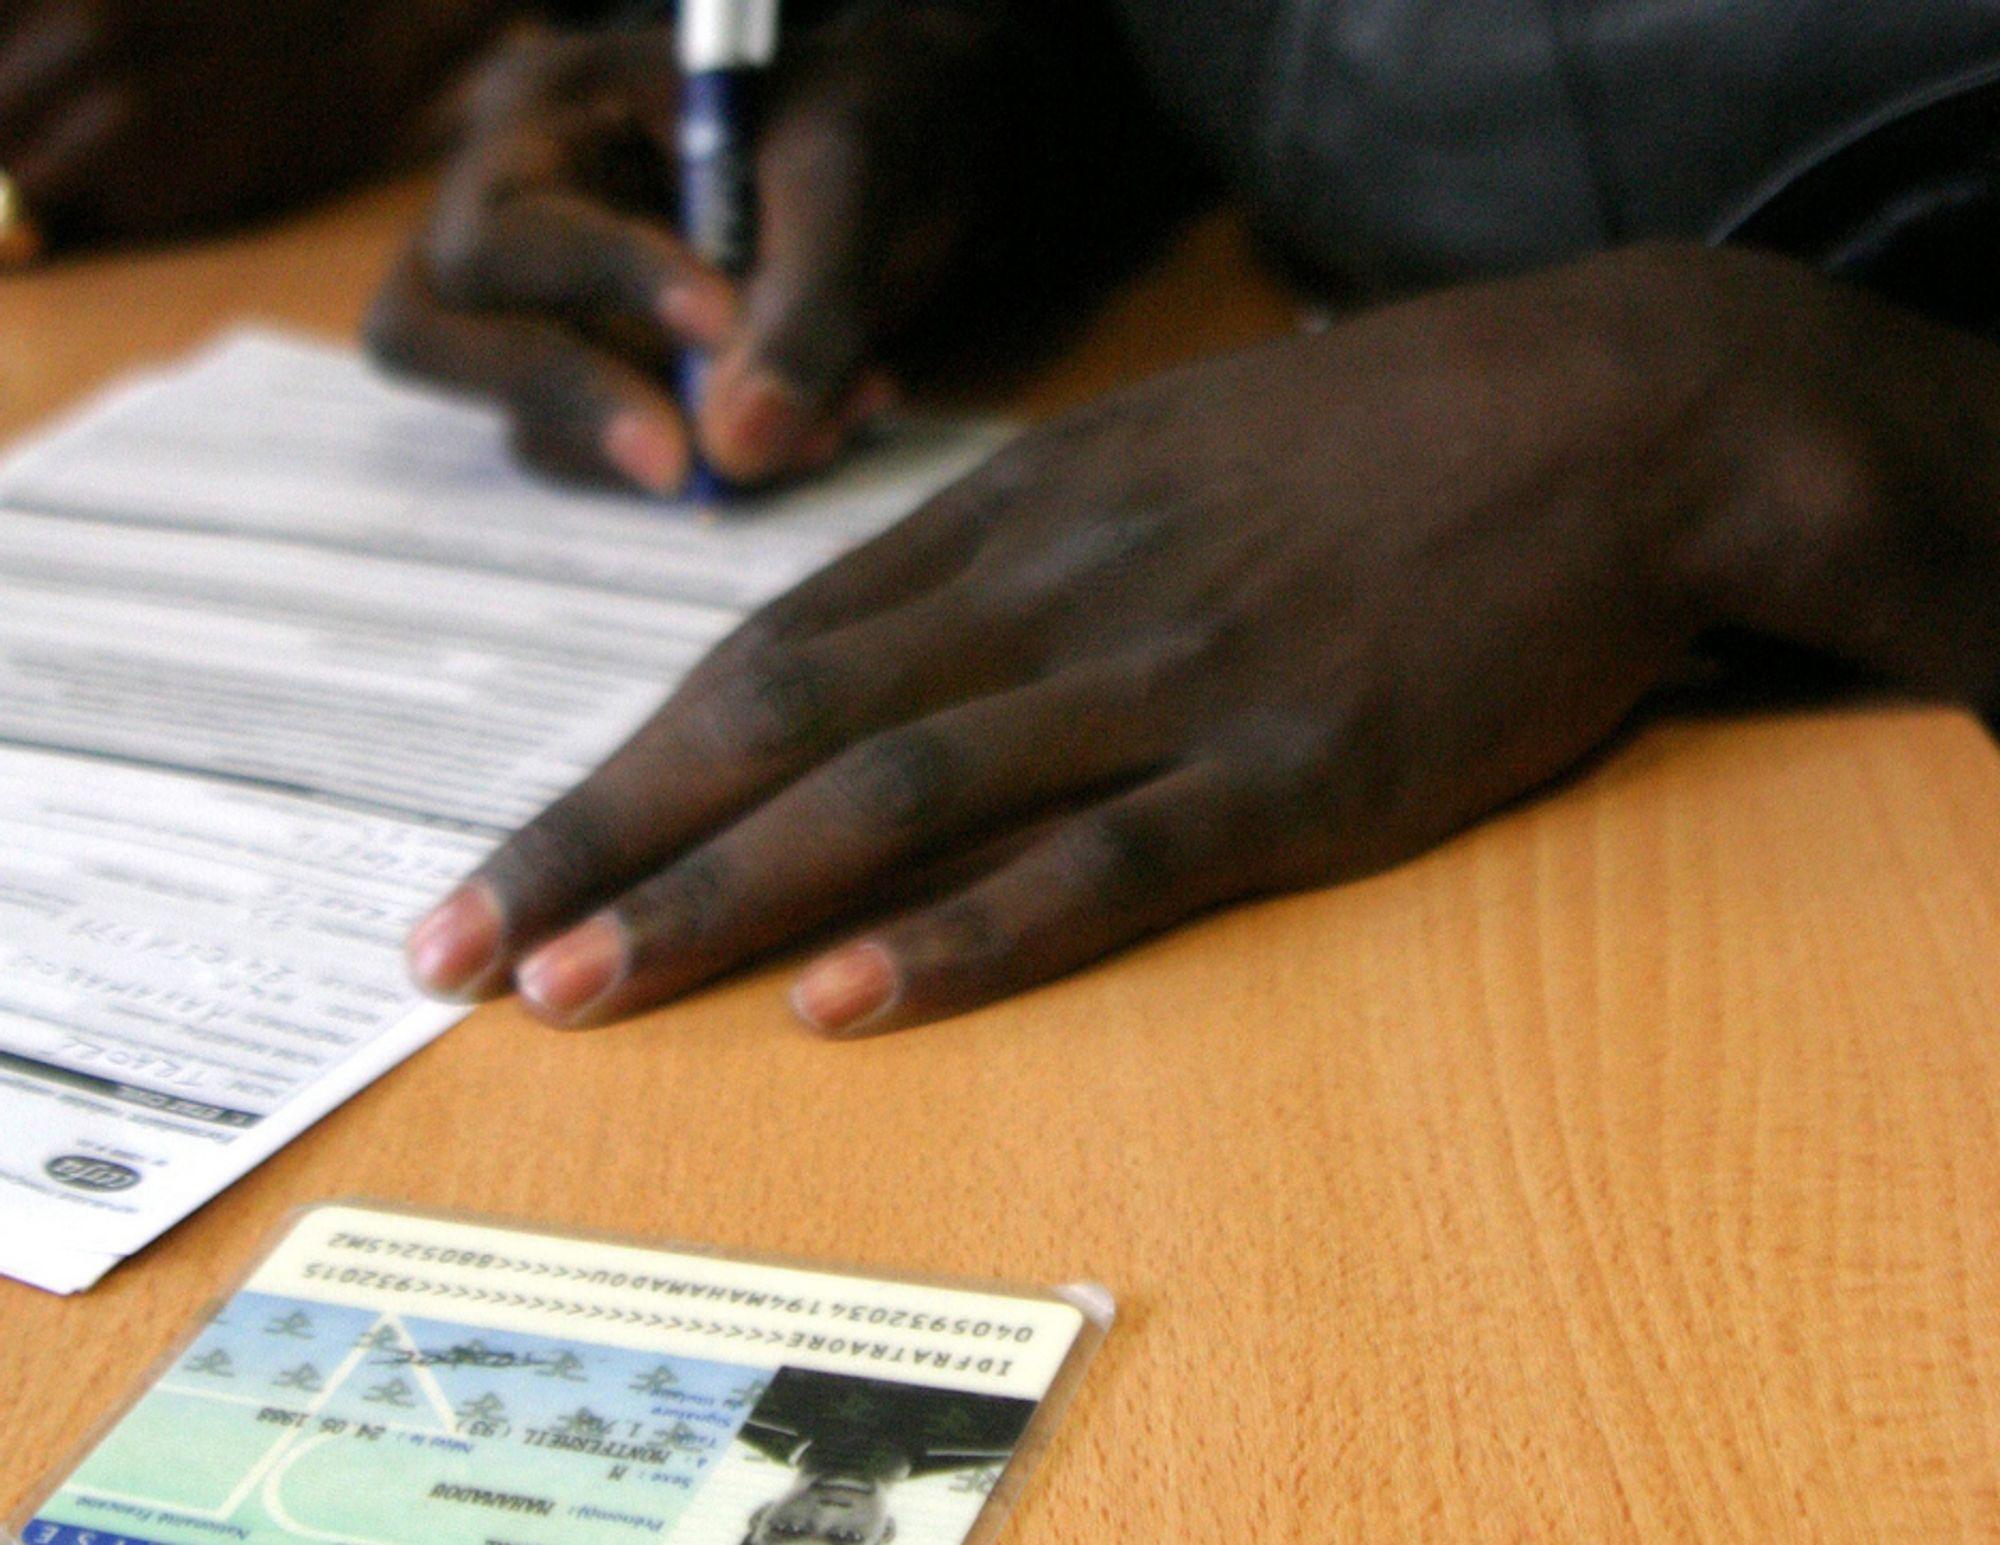 SSB: Sjansen for å skrive under arbeidskontrakt er størst der det bor få innvandrere fra før.